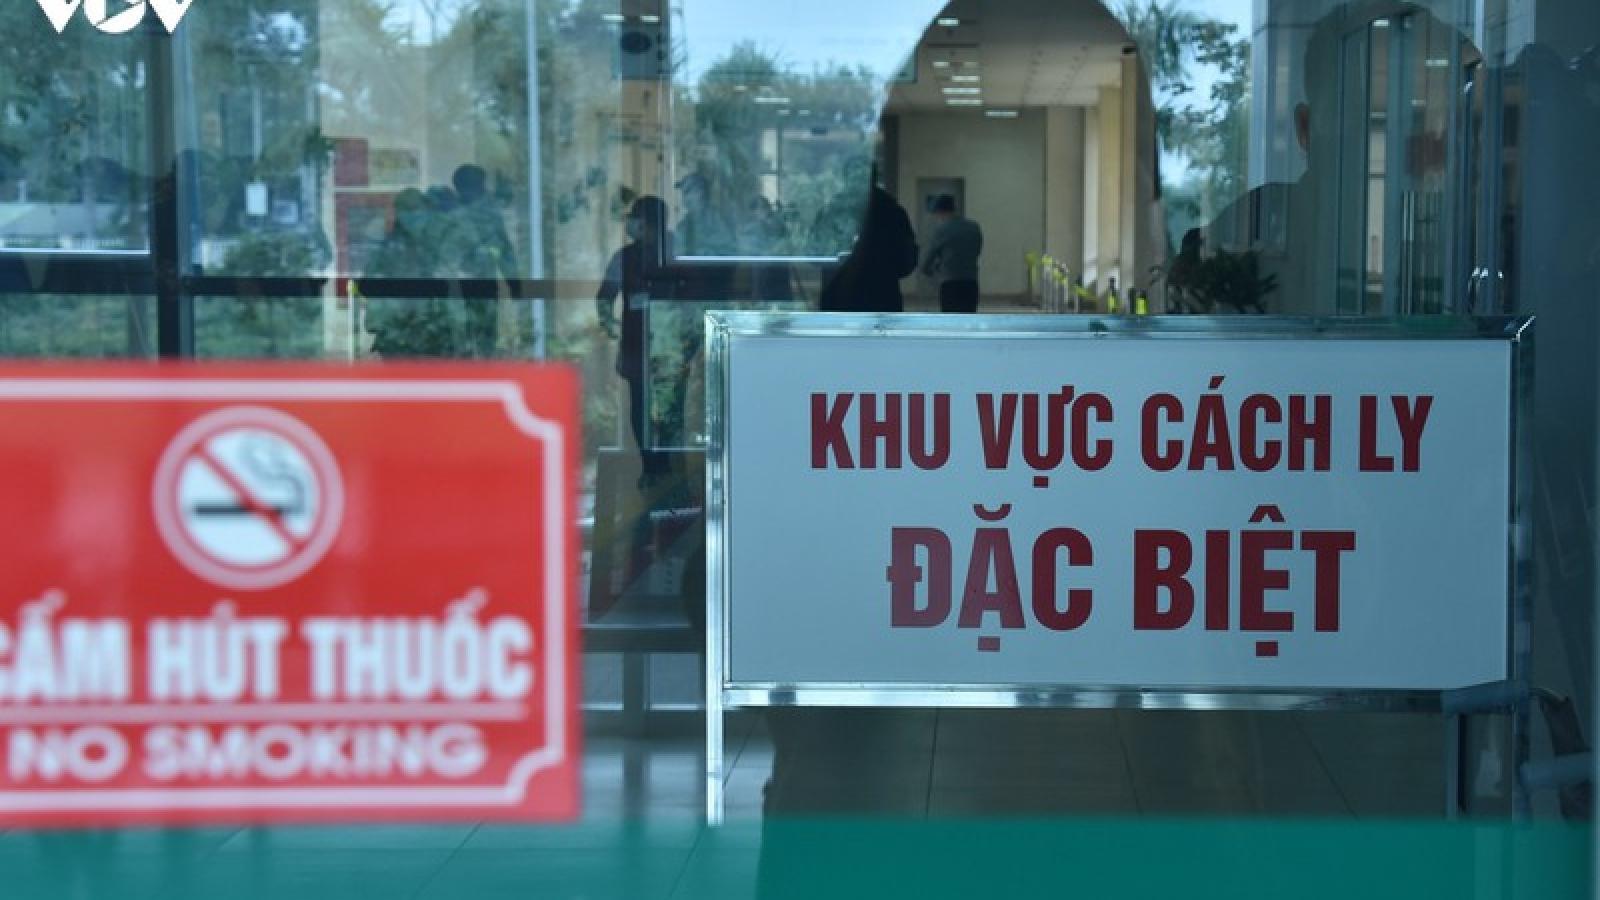 Chiều 26/3, Việt Nam có thêm 5 ca mắc COVID-19, trong đó 2 ca nhập cảnh trái phép